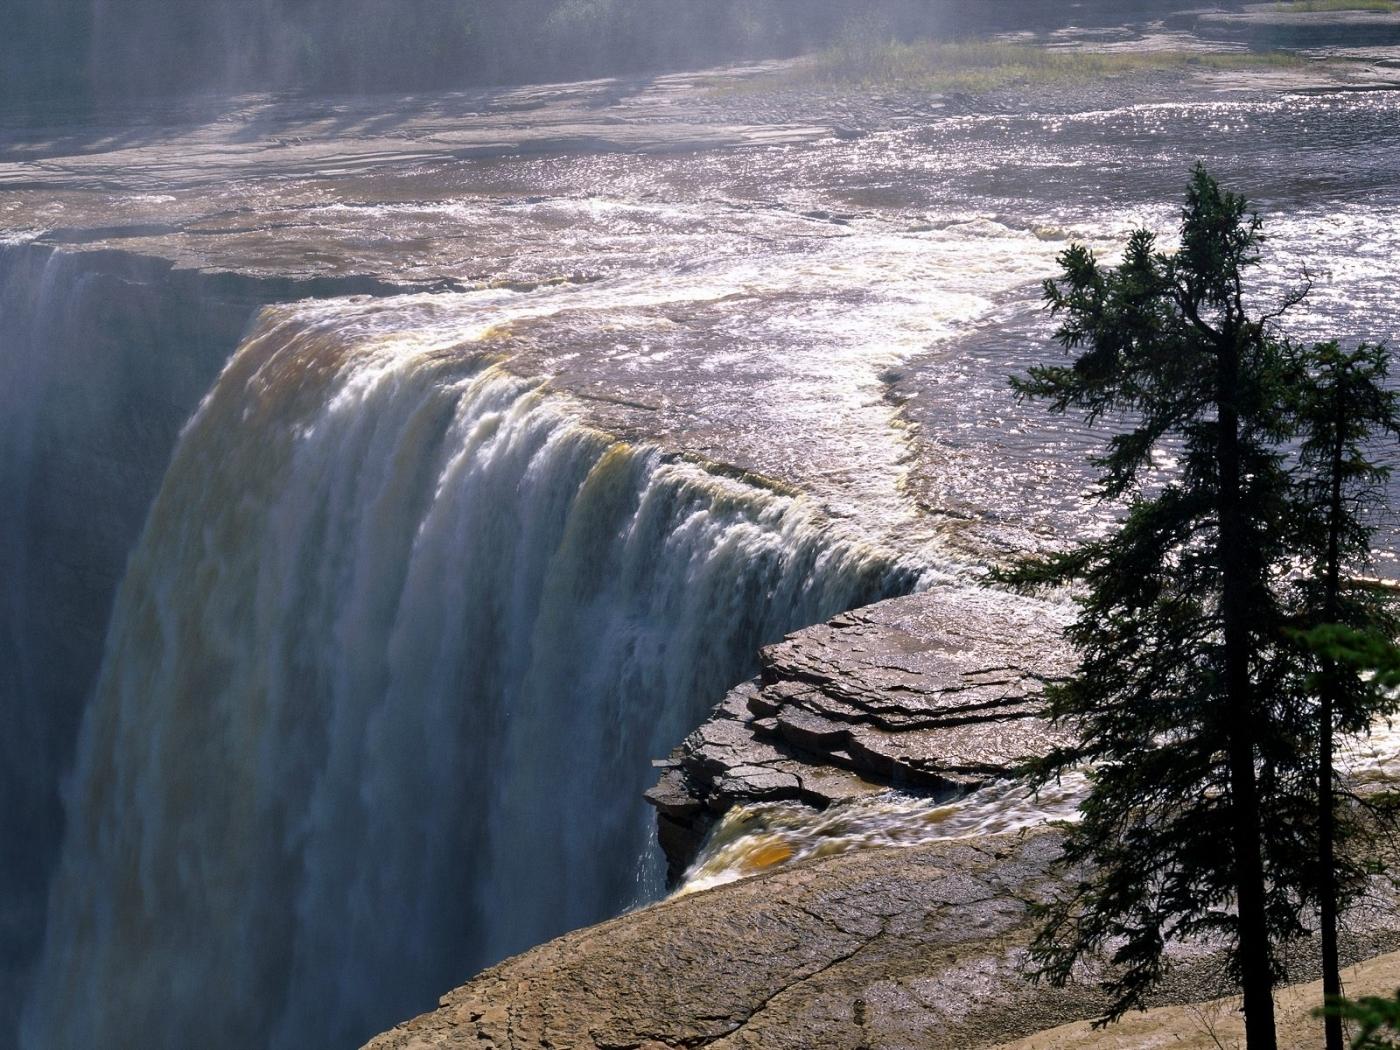 43447 скачать обои Пейзаж, Природа, Водопады - заставки и картинки бесплатно